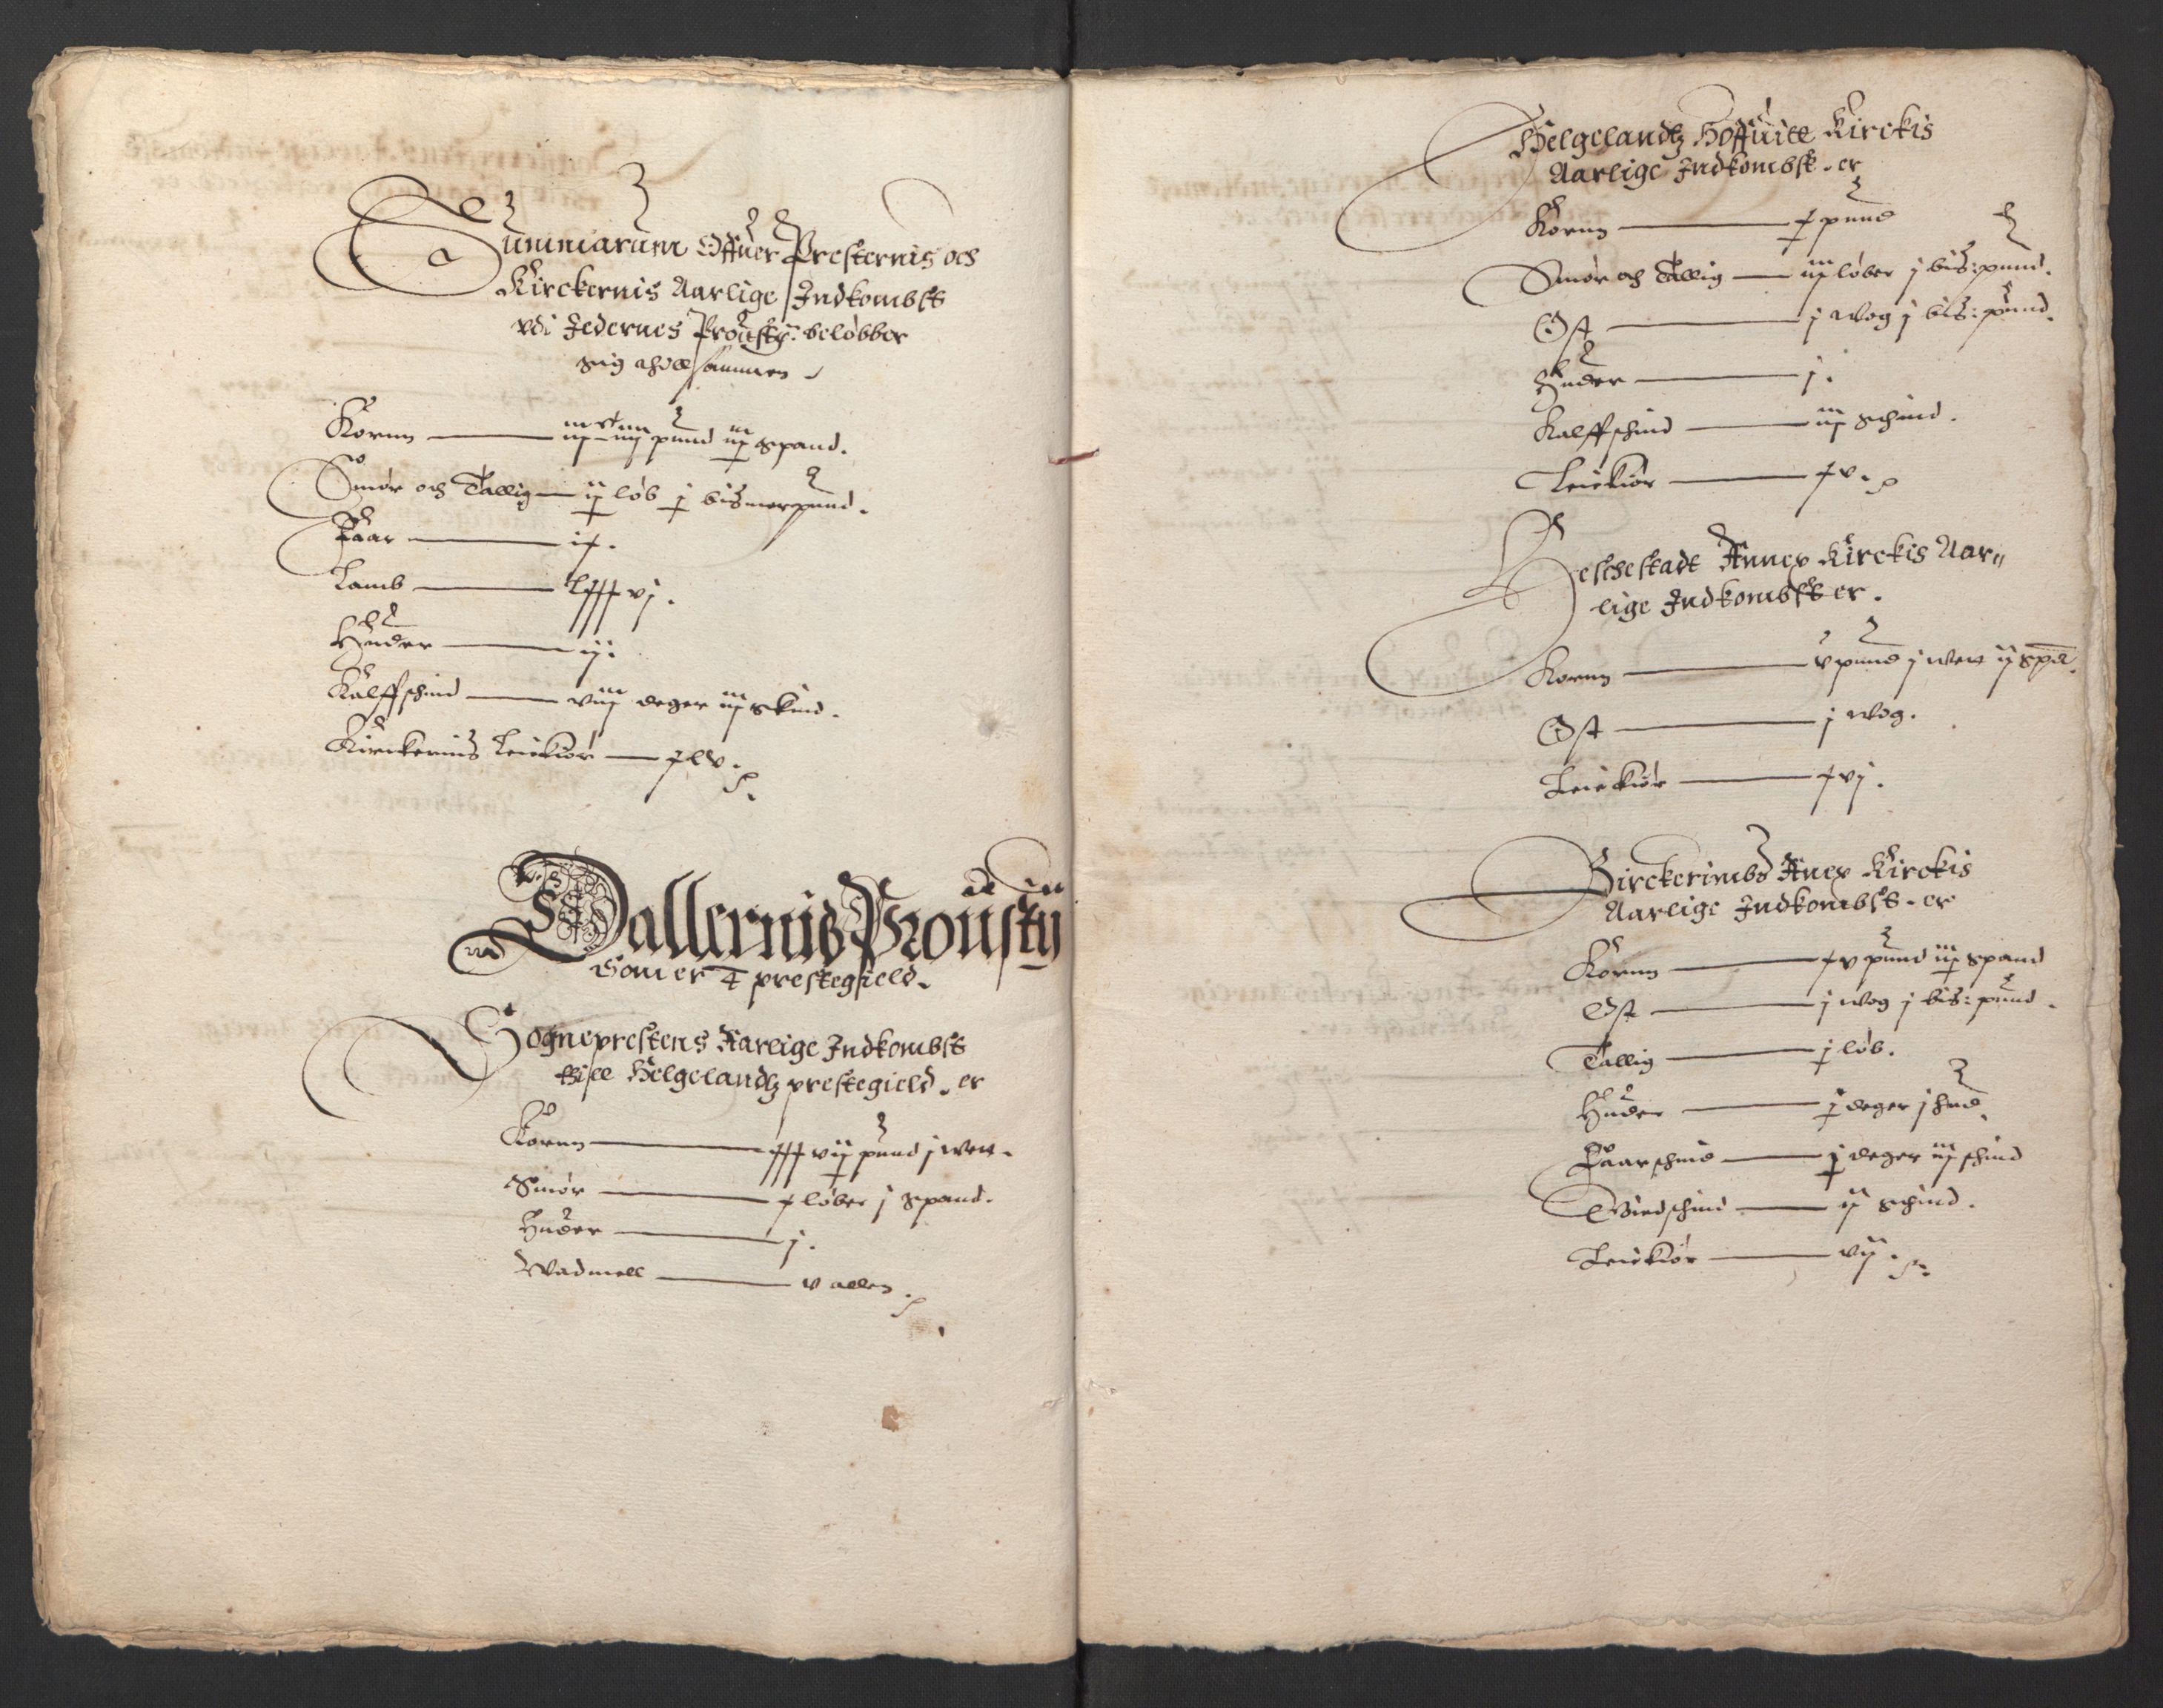 RA, Stattholderembetet 1572-1771, Ek/L0014: Jordebøker til utlikning av rosstjeneste 1624-1626:, 1625, s. 17